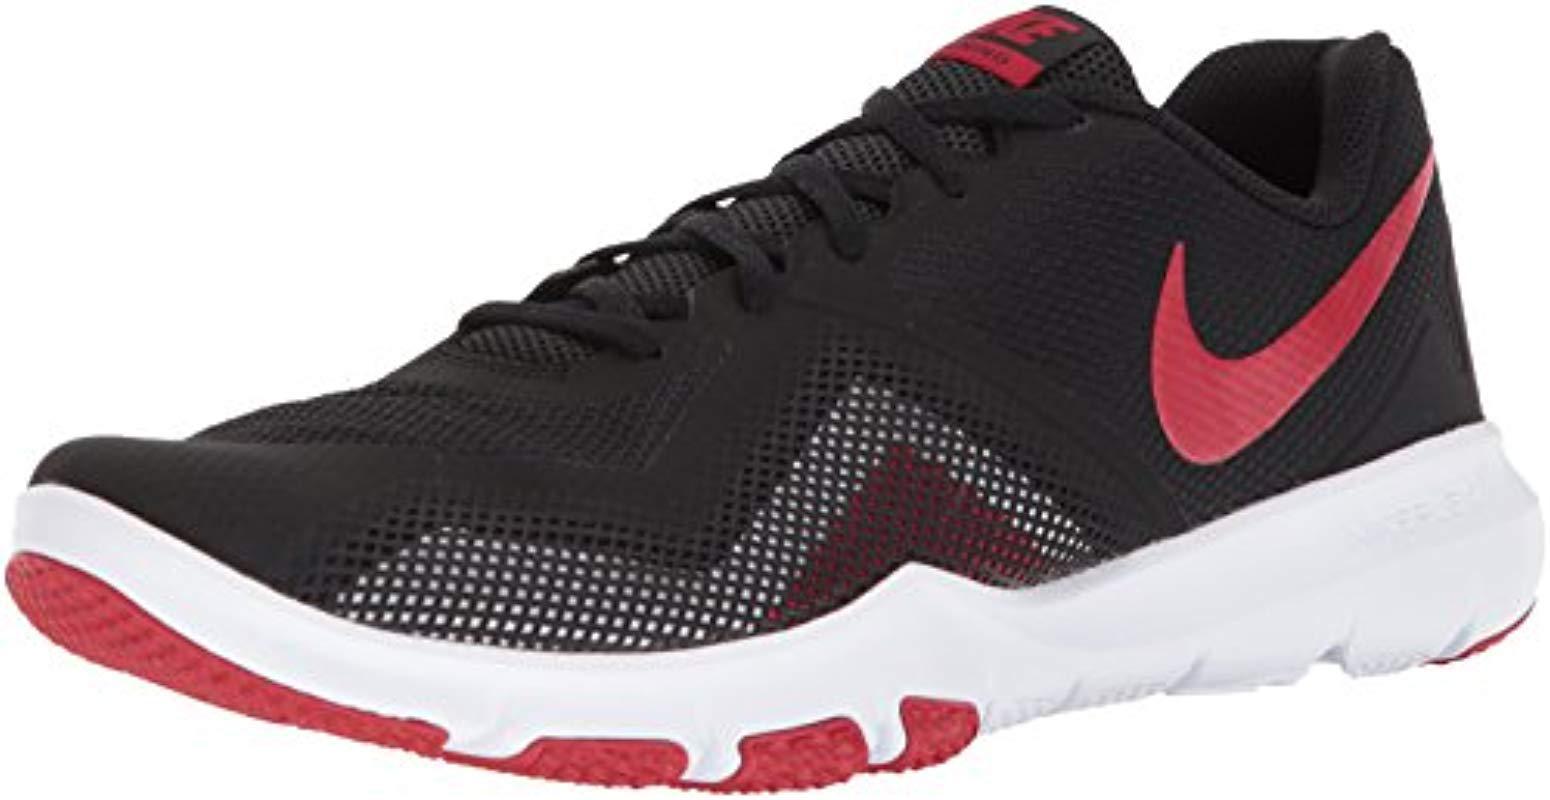 prise en charge charge charge des chaussures du catalyseur adidas blanches pour les hommes 441fe9